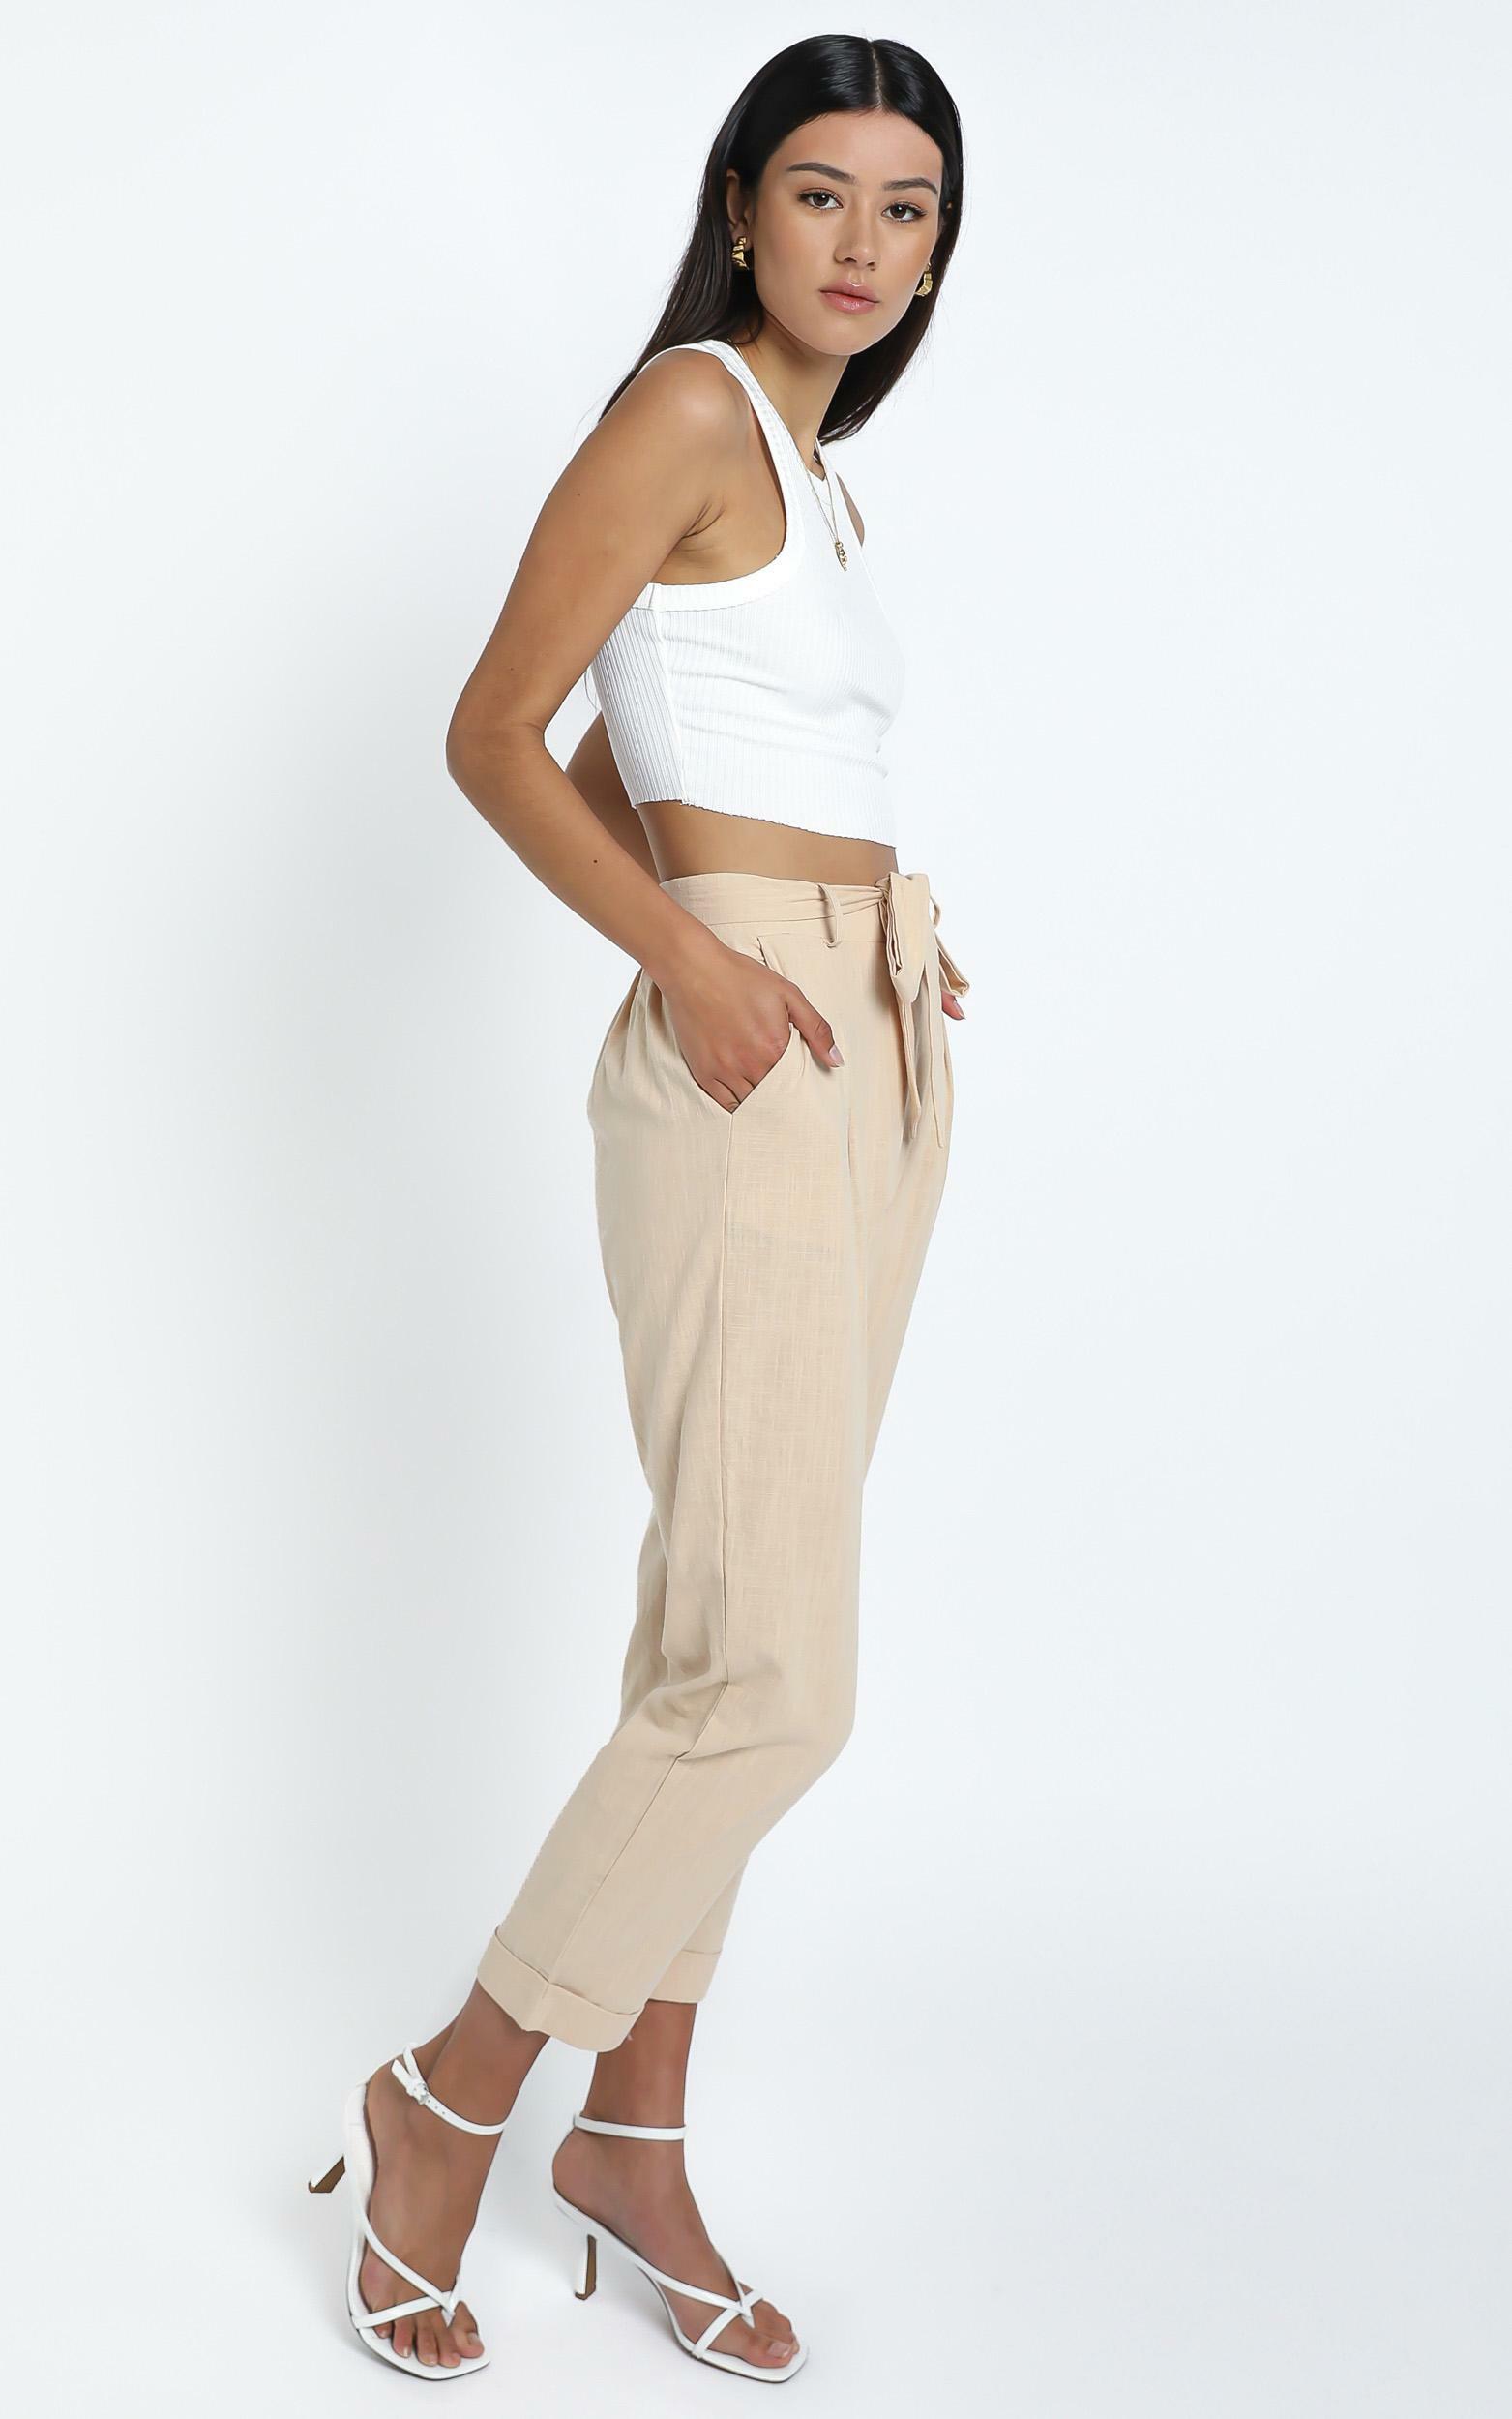 Clover Pants in Beige Linen Look - 14 (XL), Beige, hi-res image number null